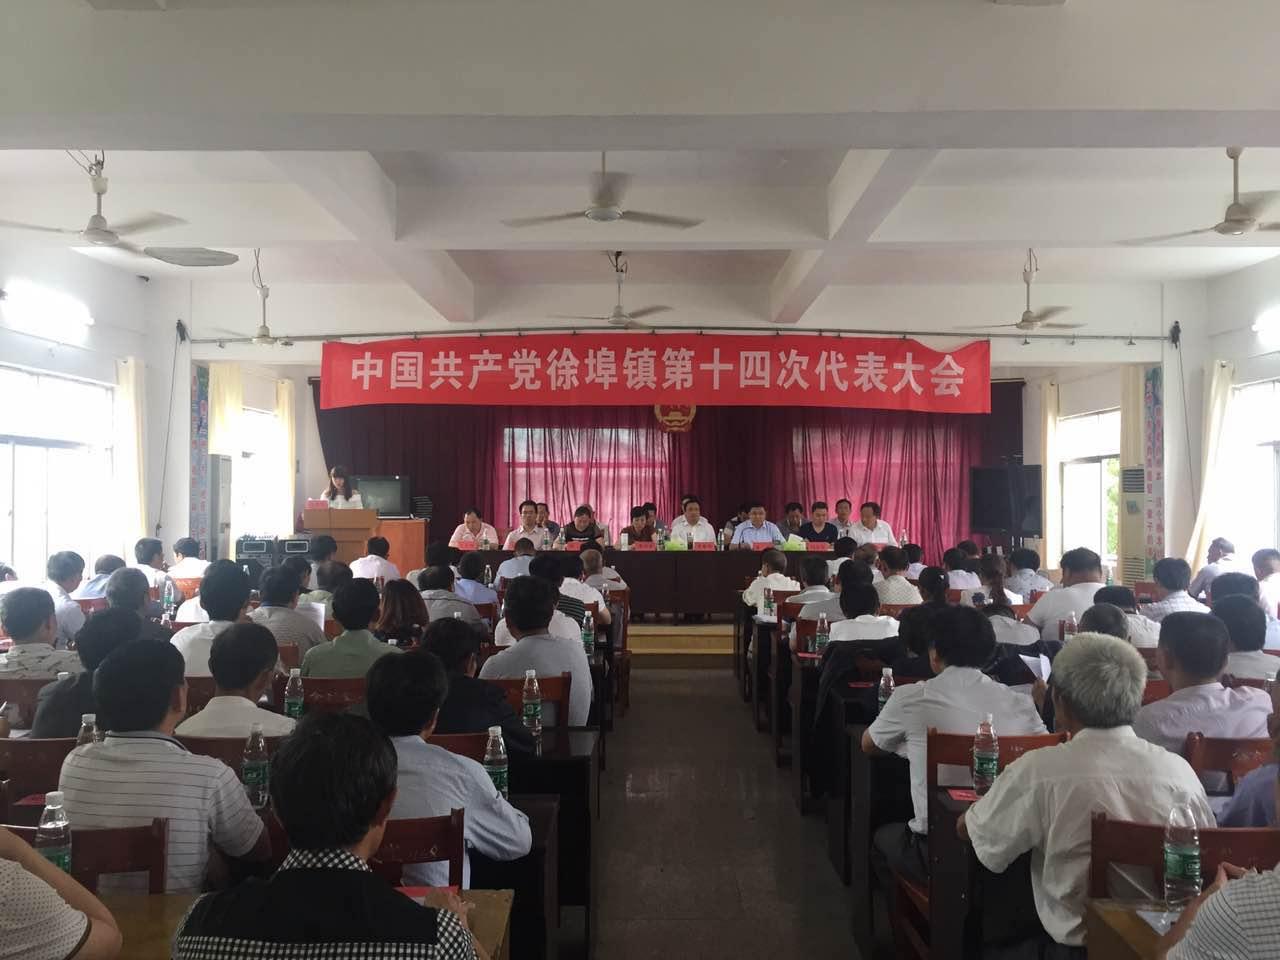 中共徐埠镇第十四次党代会胜利召开